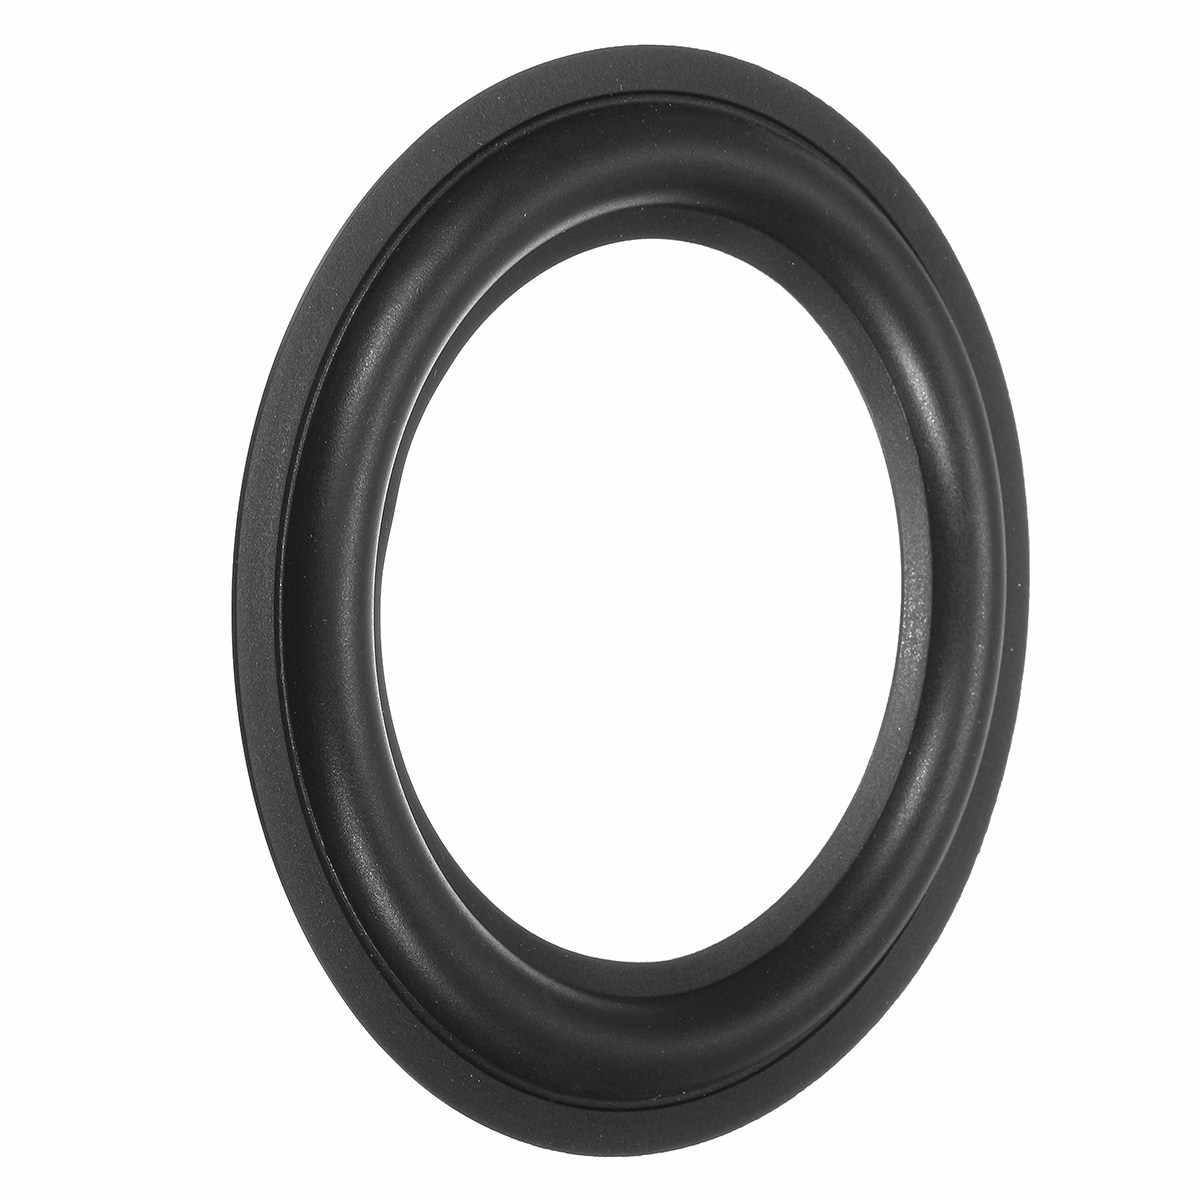 LEORY 1 шт. 5 дюймов мягкий окружает Рог кольцо Ремонтный комплект громкий динамик черный резиновый пылезащитный кольцо